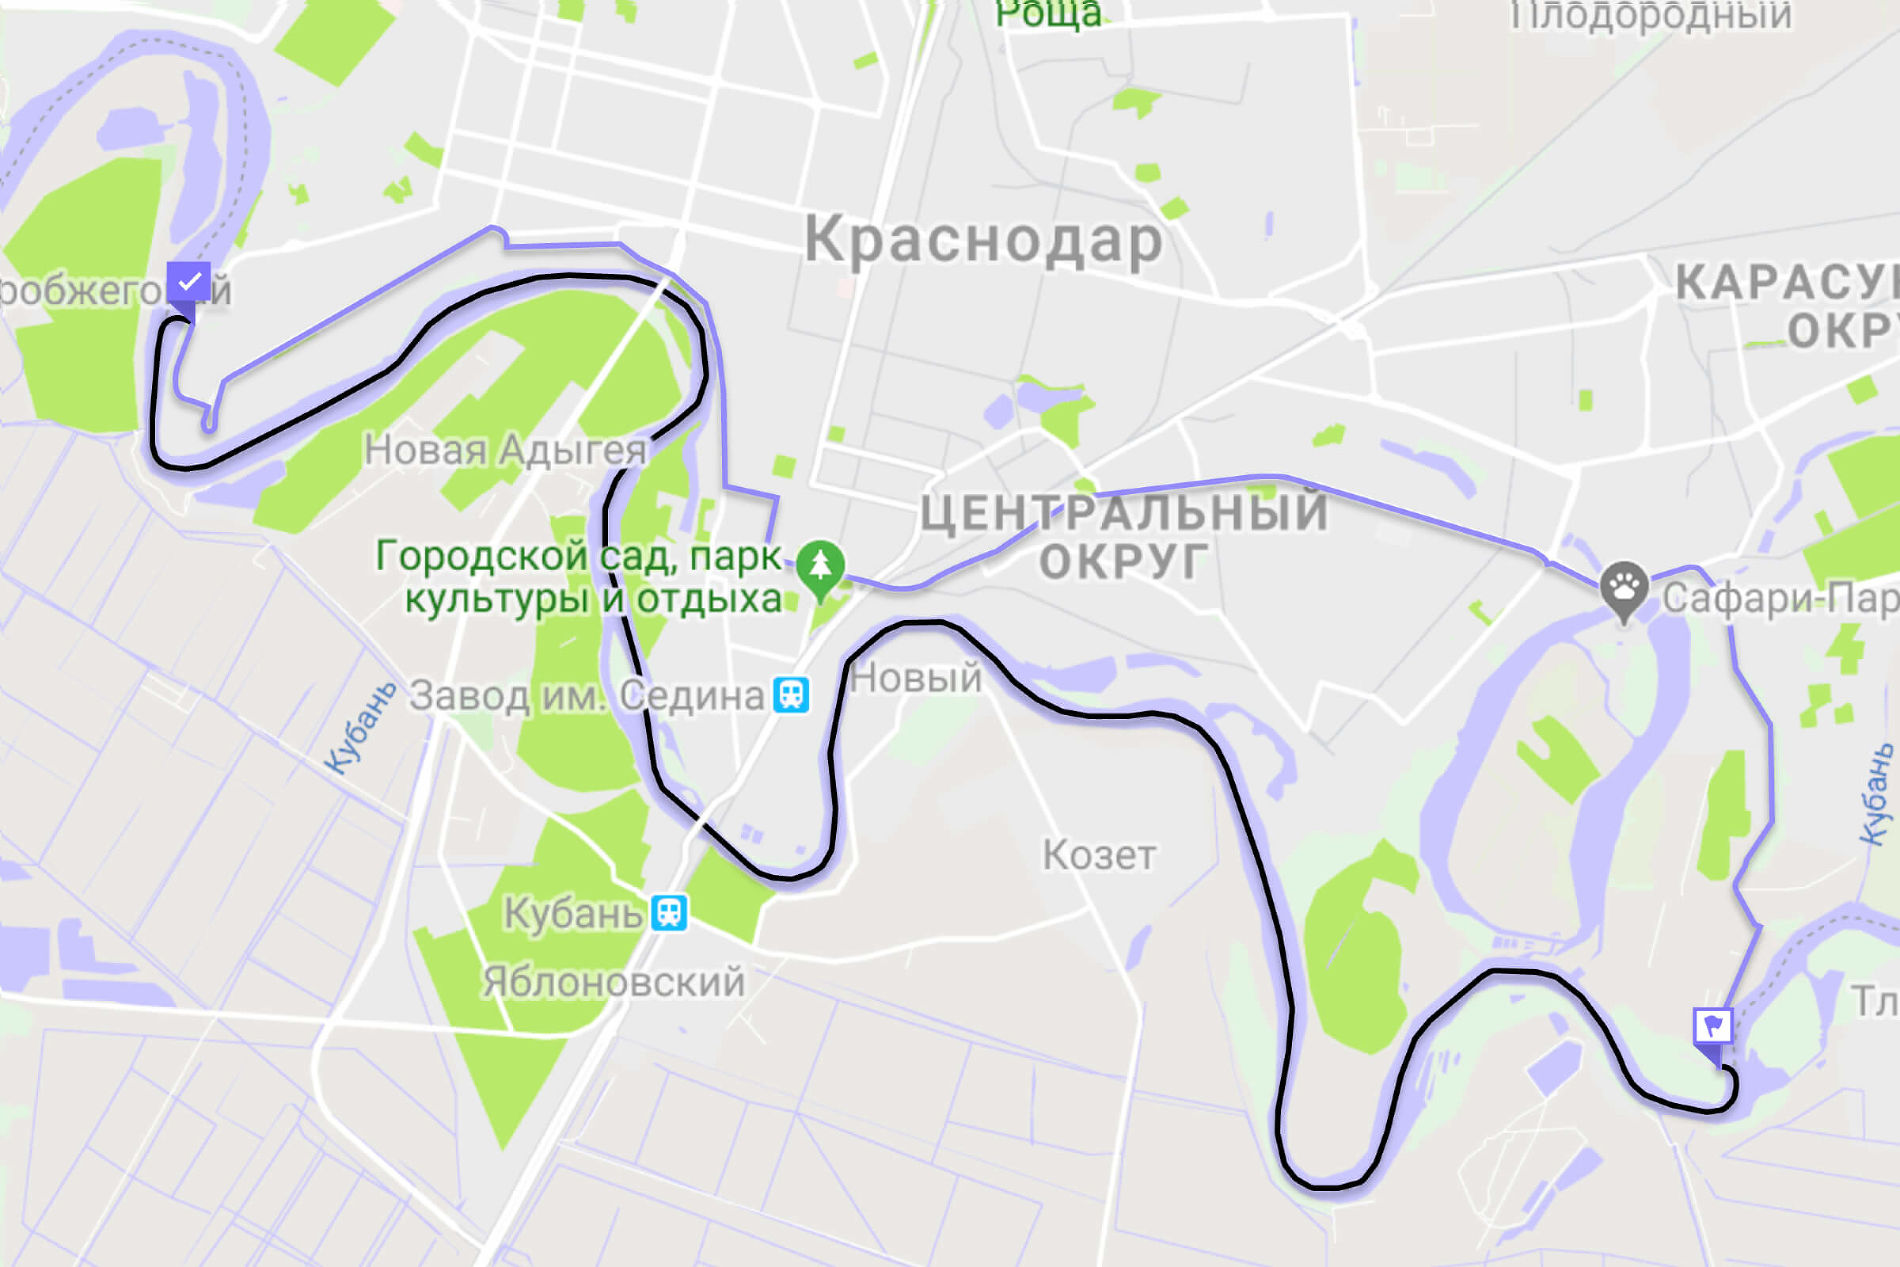 Маршрут по реке Кубани